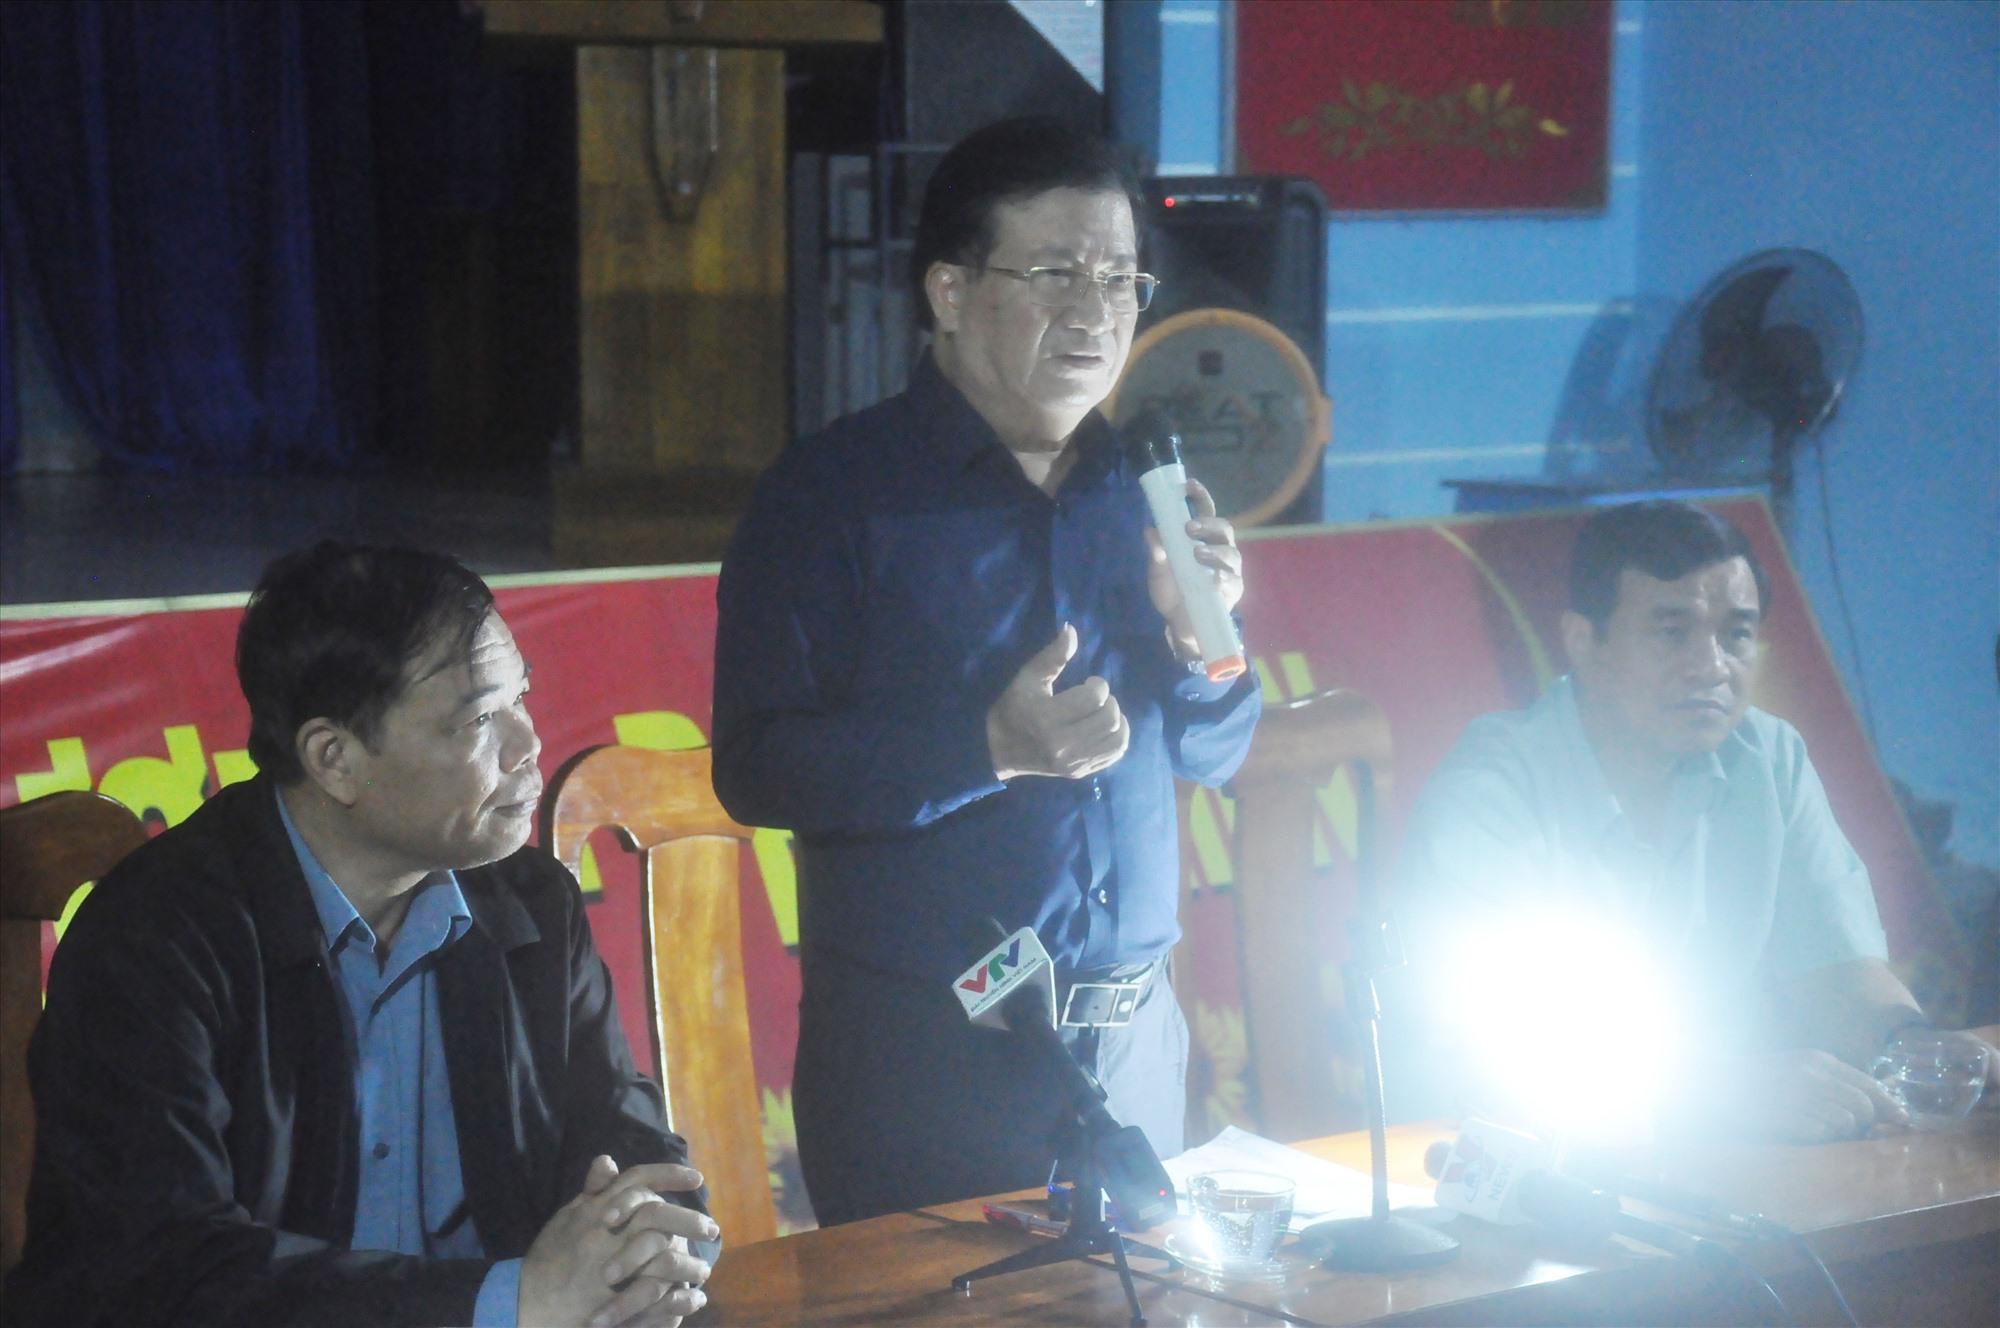 Phó Thủ tướng Trịnh Đình Dũng làm việc với các đồng chí lãnh đạo tỉnh chiều tối nay 28.10. Ảnh: N.Đ